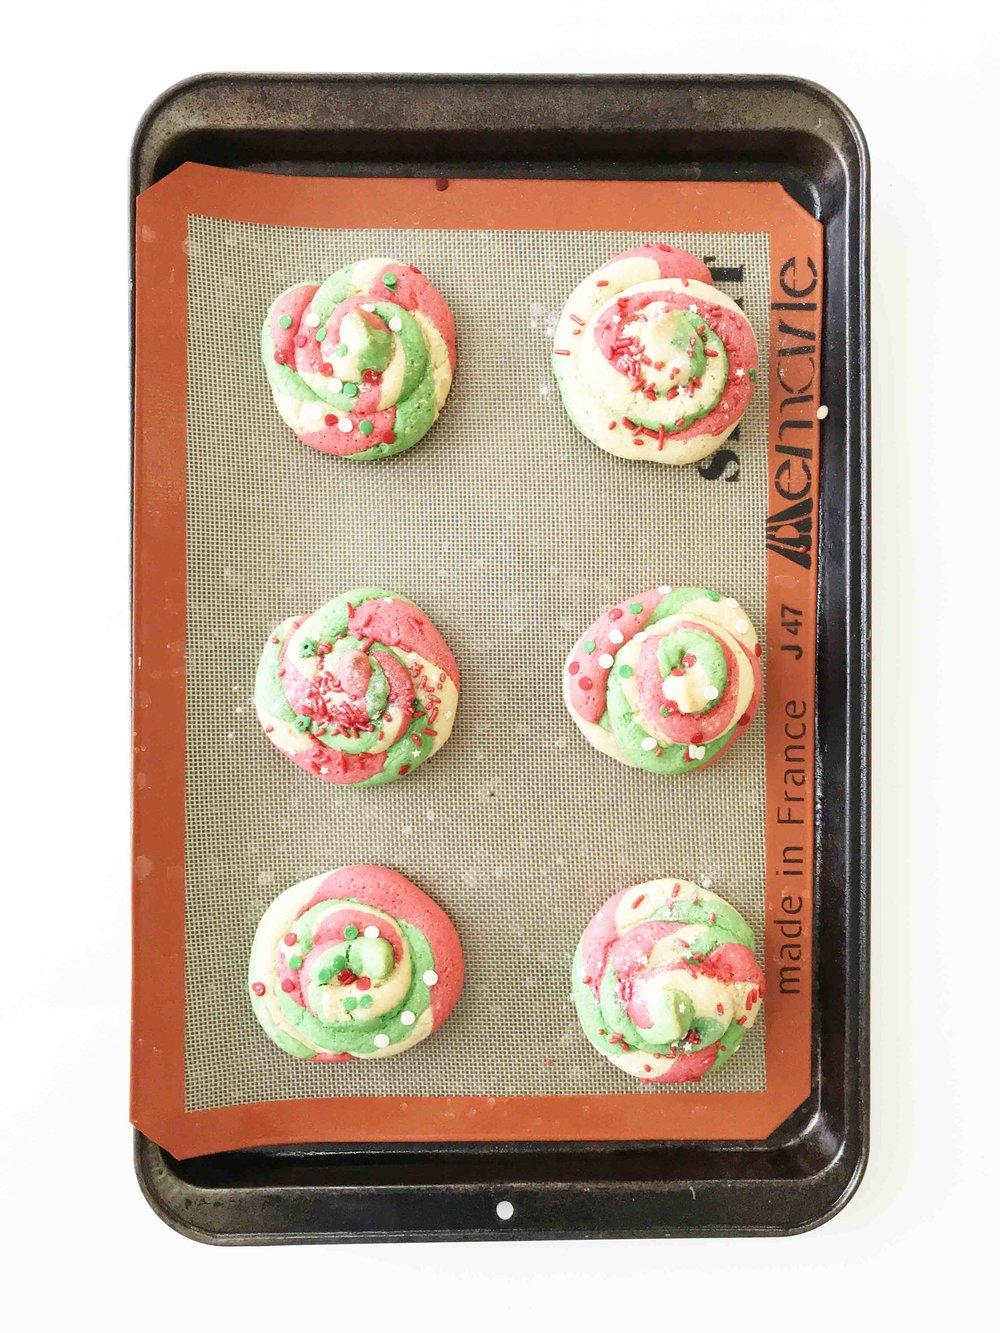 reindeer-poop-cookies15.jpg